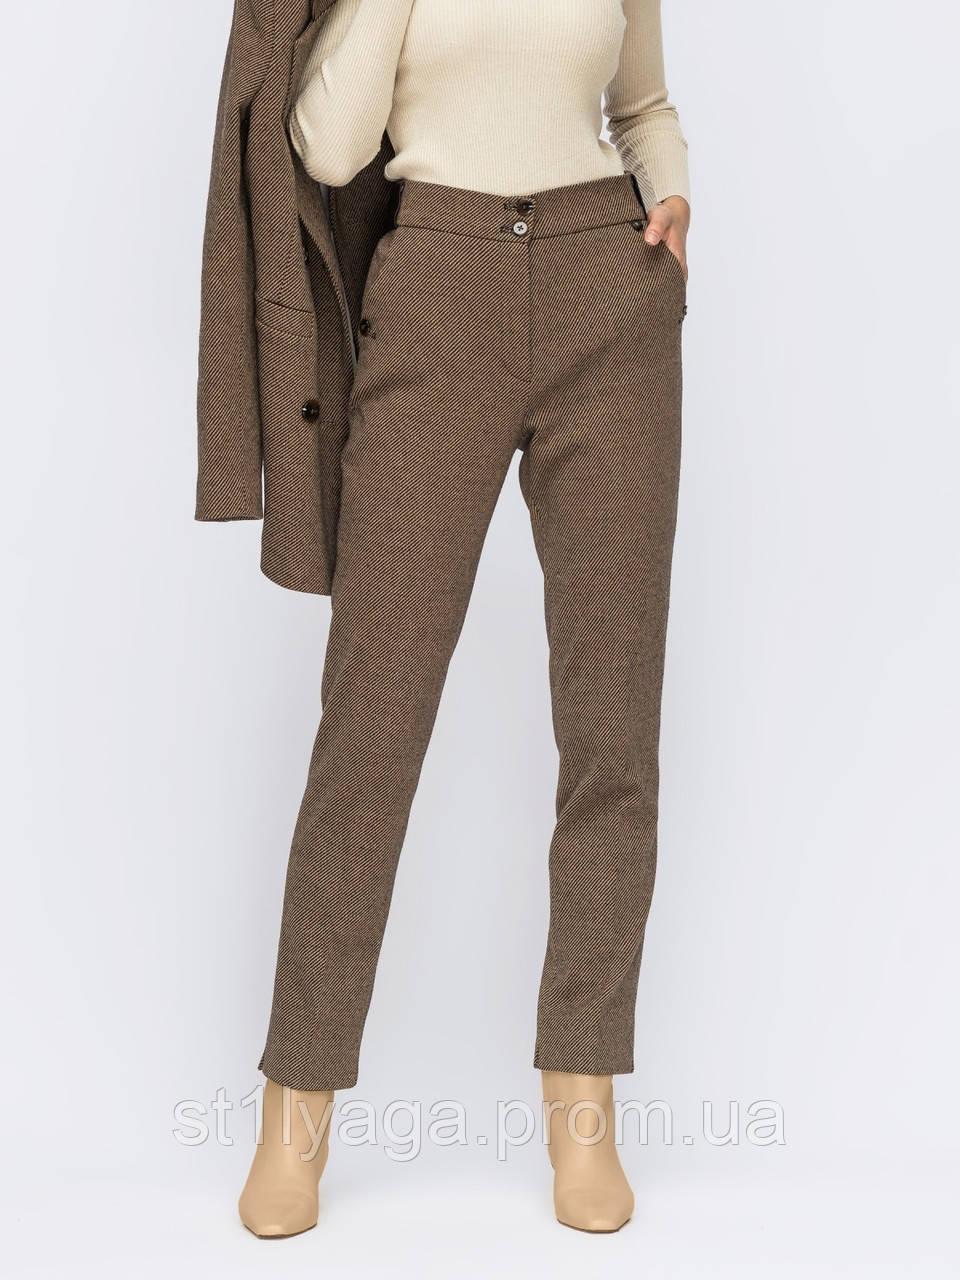 Класичні бежеві брюки з жаккарда ОСІНЬ